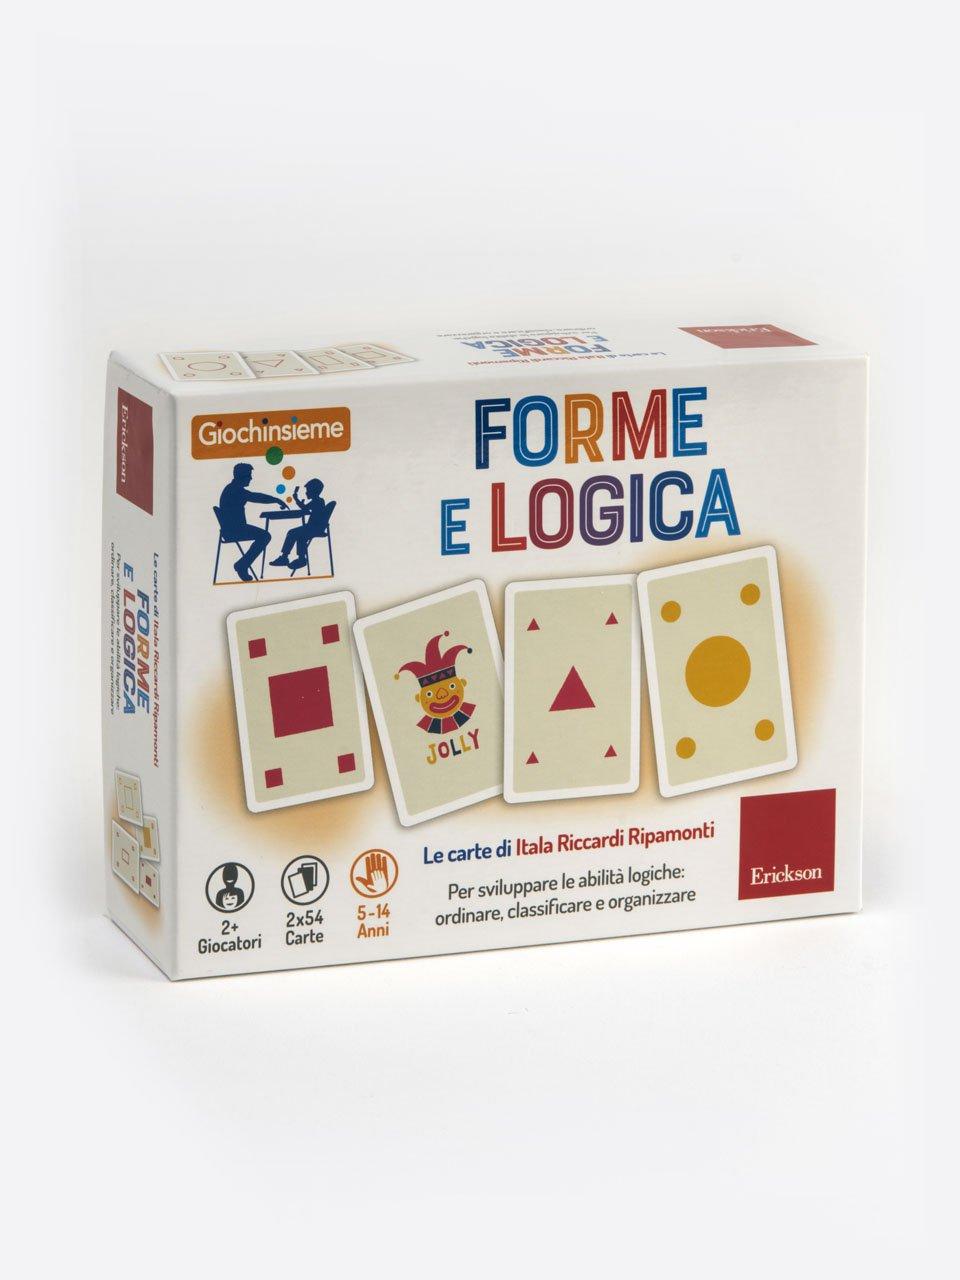 Giochinsieme - Forme e logica - TAP-D - Test delle Abilità Prassiche nella Disabil - Libri - Erickson